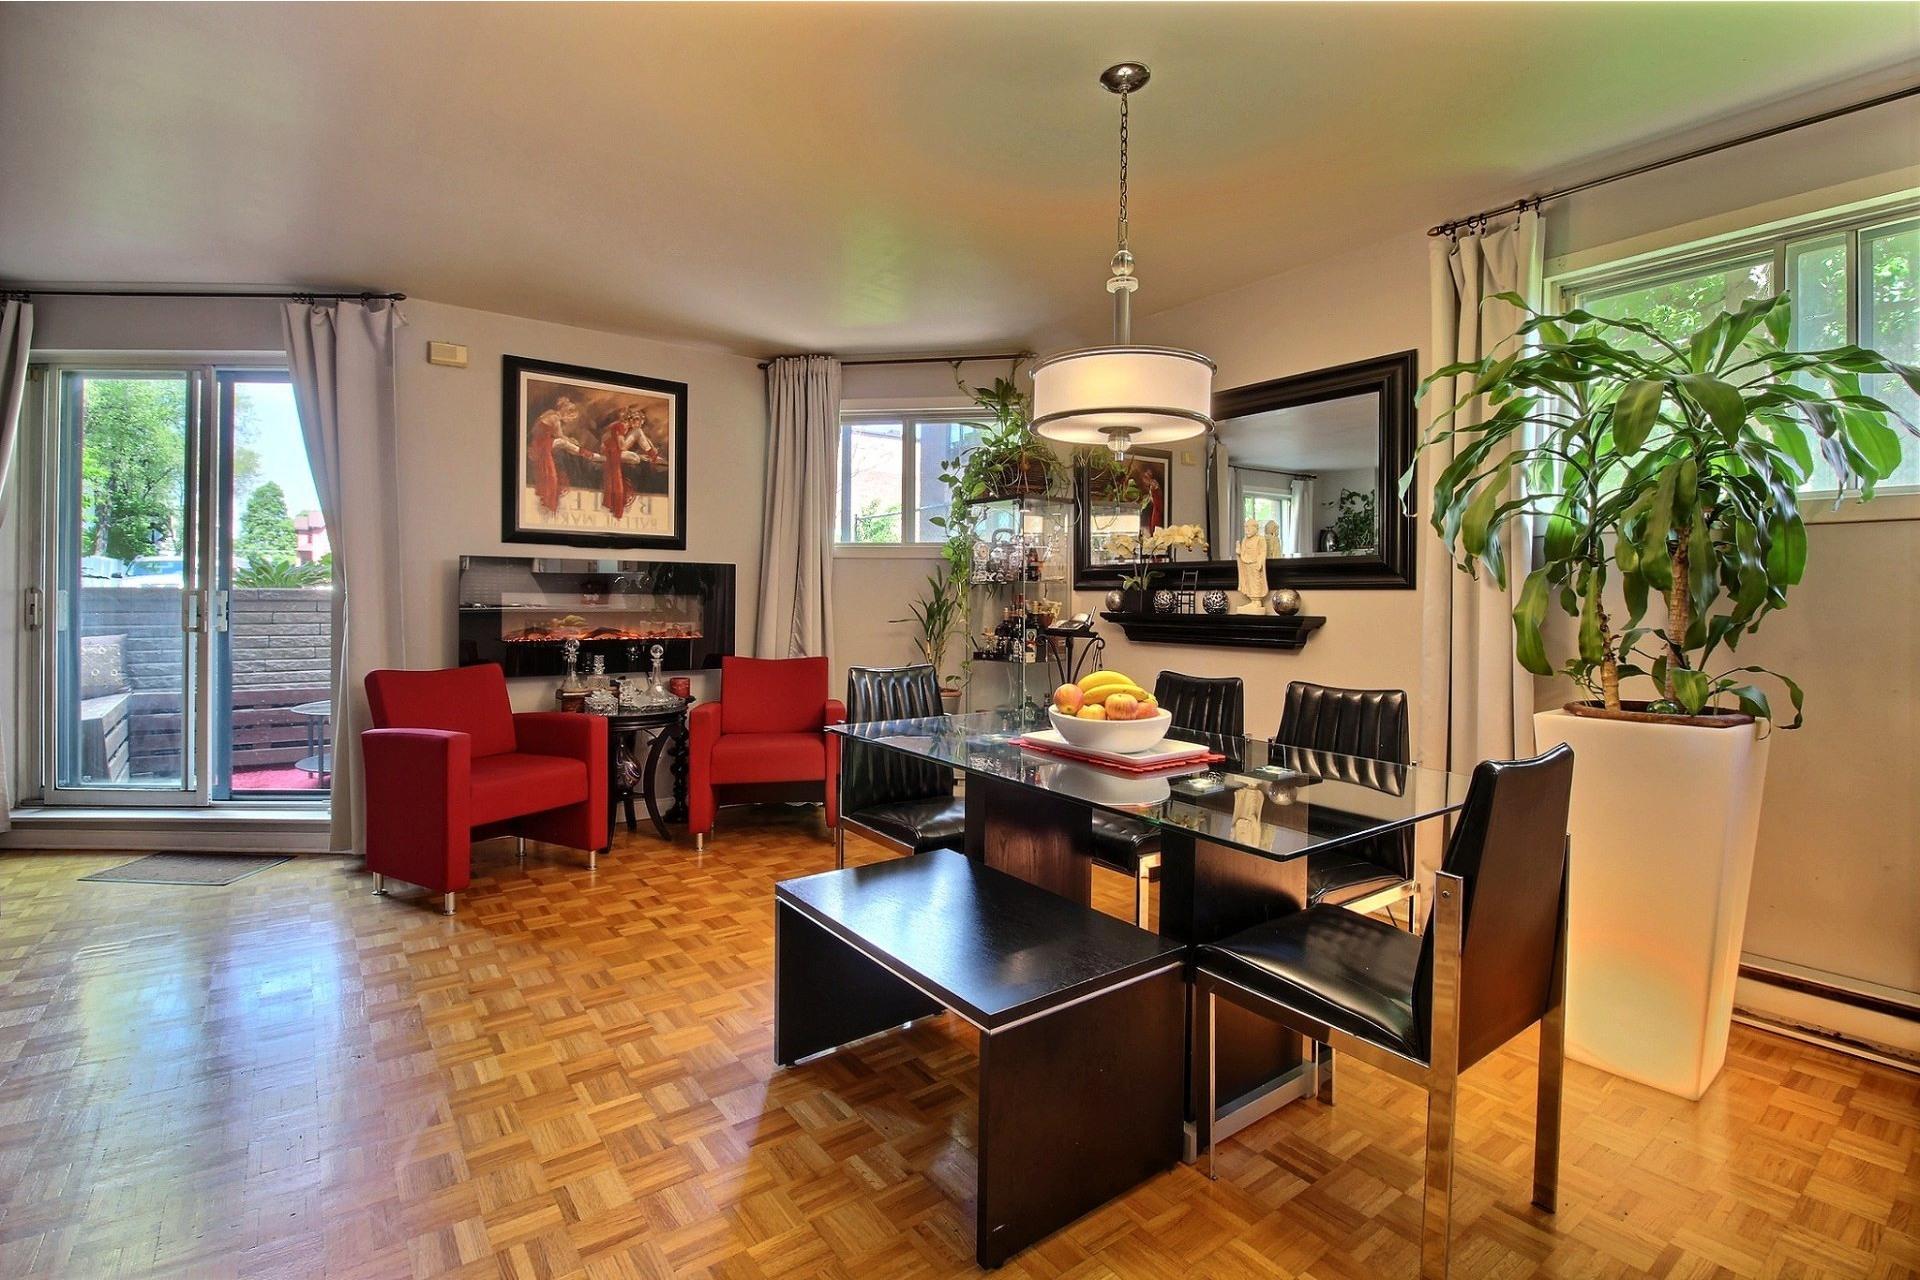 image 4 - Appartement À vendre Montréal Rivière-des-Prairies/Pointe-aux-Trembles  - 5 pièces